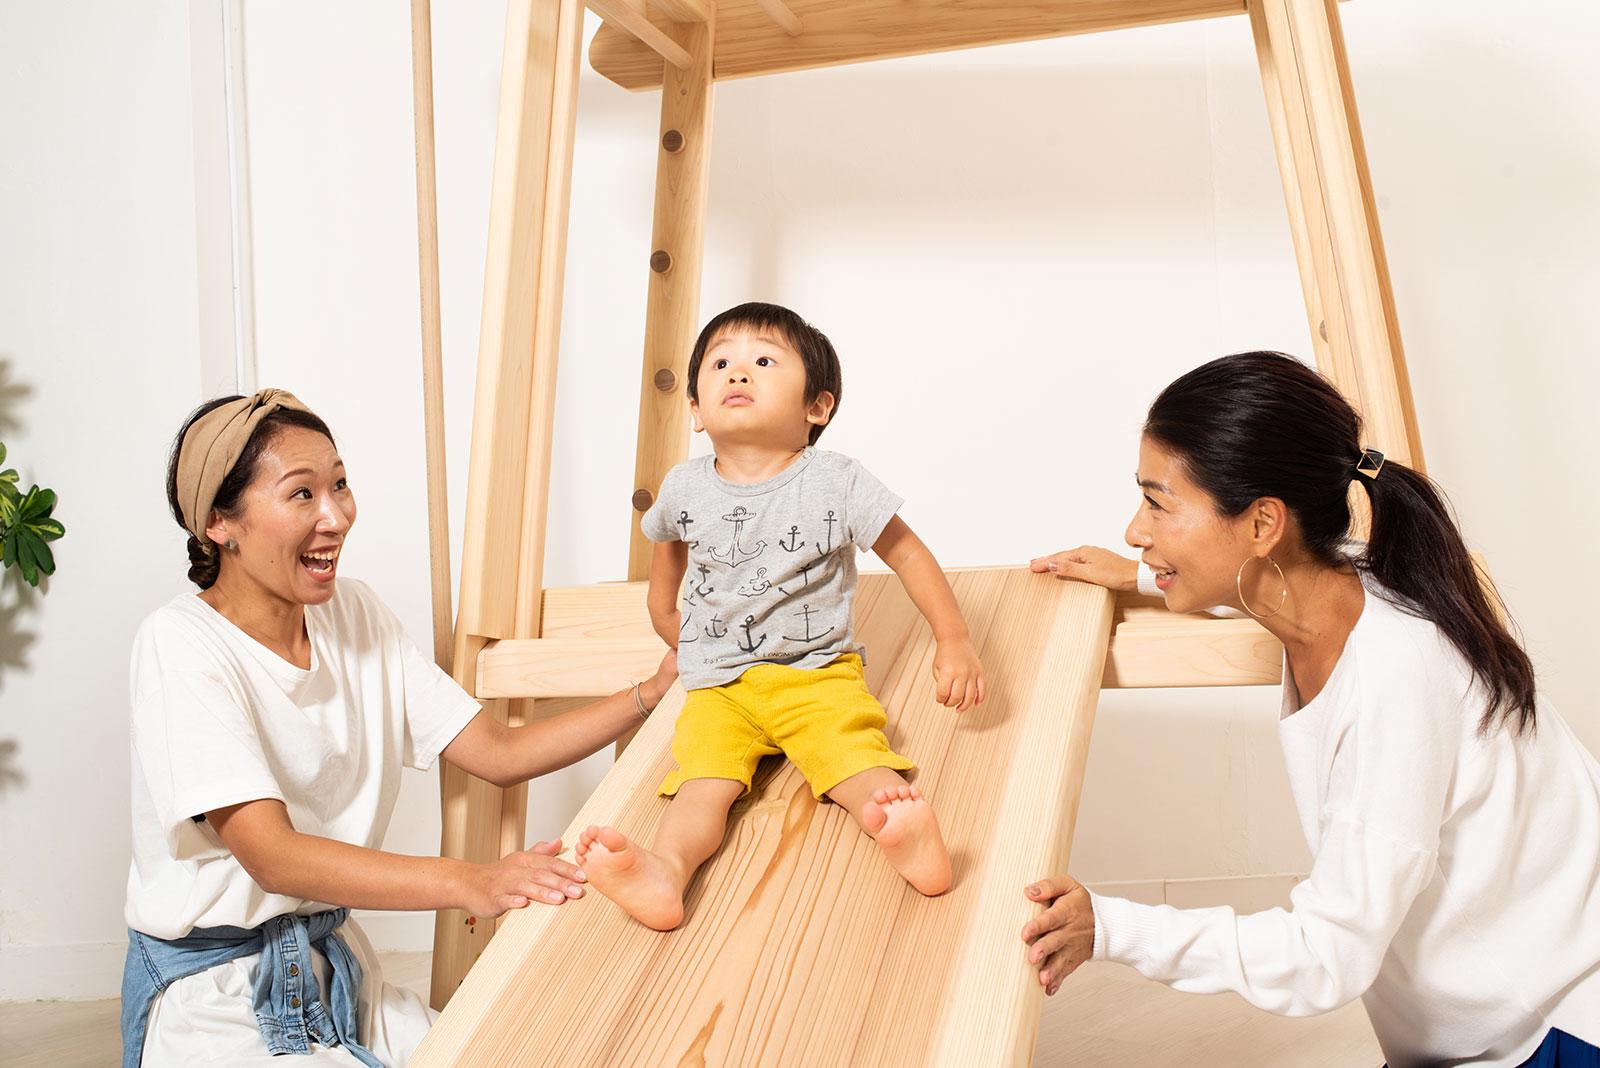 室内雲梯の滑り台で遊ぶ子ども